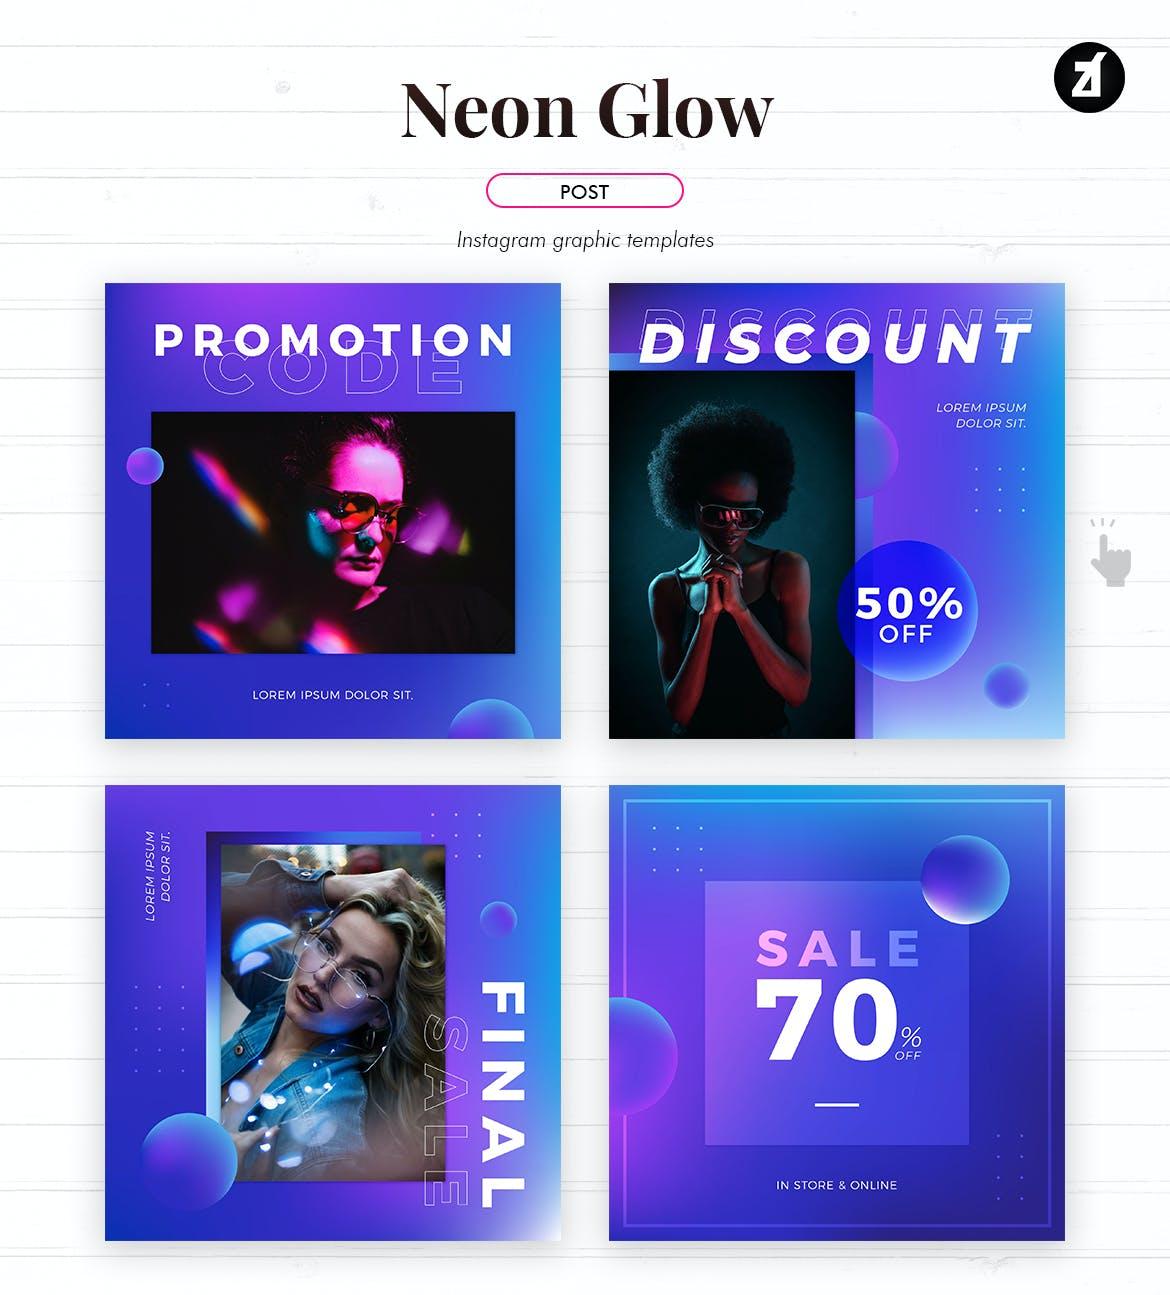 潮流霓虹灯效果品牌推广新媒体电商海报模板 Neon Glow Social Media Graphic Templates插图3